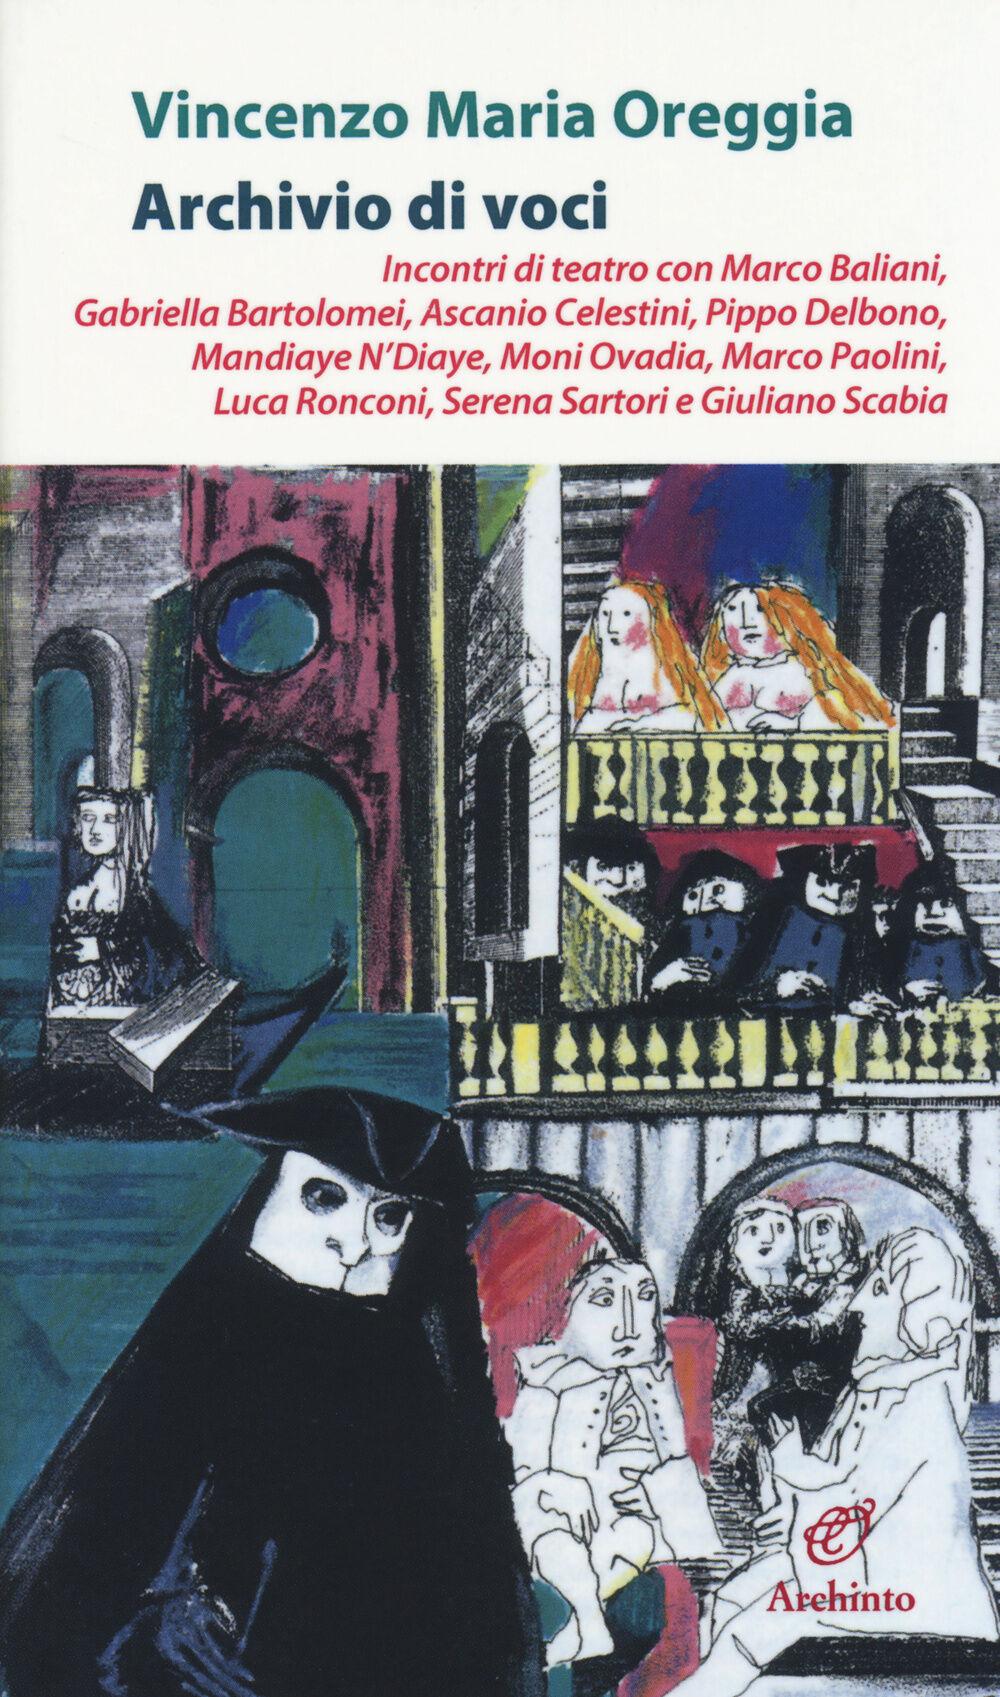 Archivio di voci. Incontri di teatro con M. Baliani, G. Bartolomei, A. Celestini, P. Delbono, M. Ndiaye, M. Ovadia, M. Paolini, L. Ronconi, S. Sartori, G. Scabia